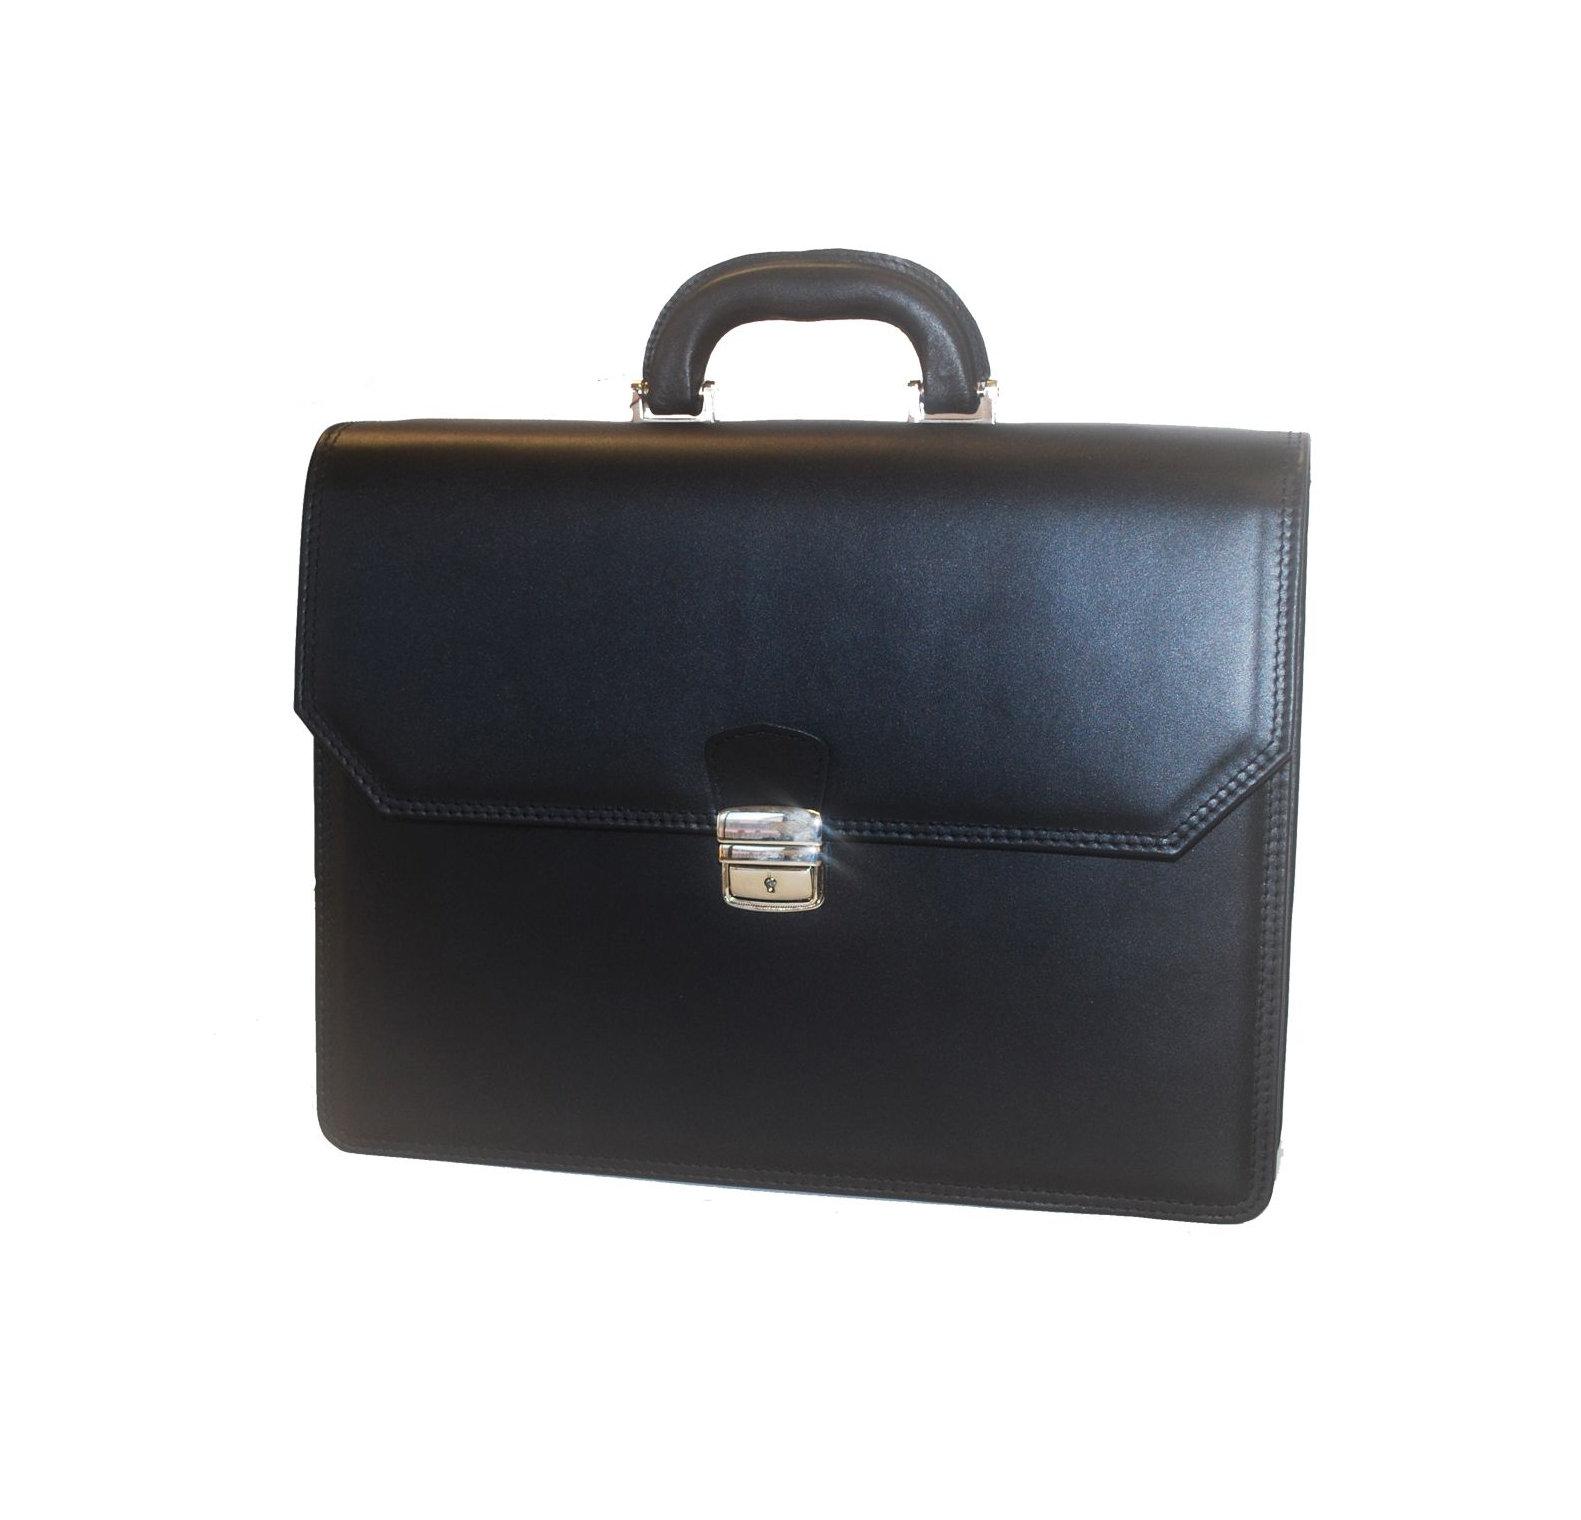 6c72fbaa7c Luxusná aktovka z pravej hovädzej kože v čiernej farbe